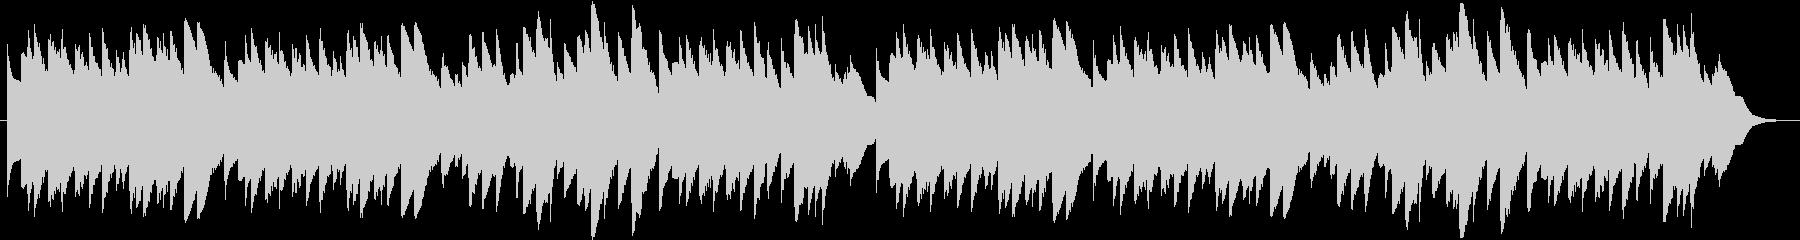 「ひいらぎ飾ろう」のオルゴールバージョンの未再生の波形